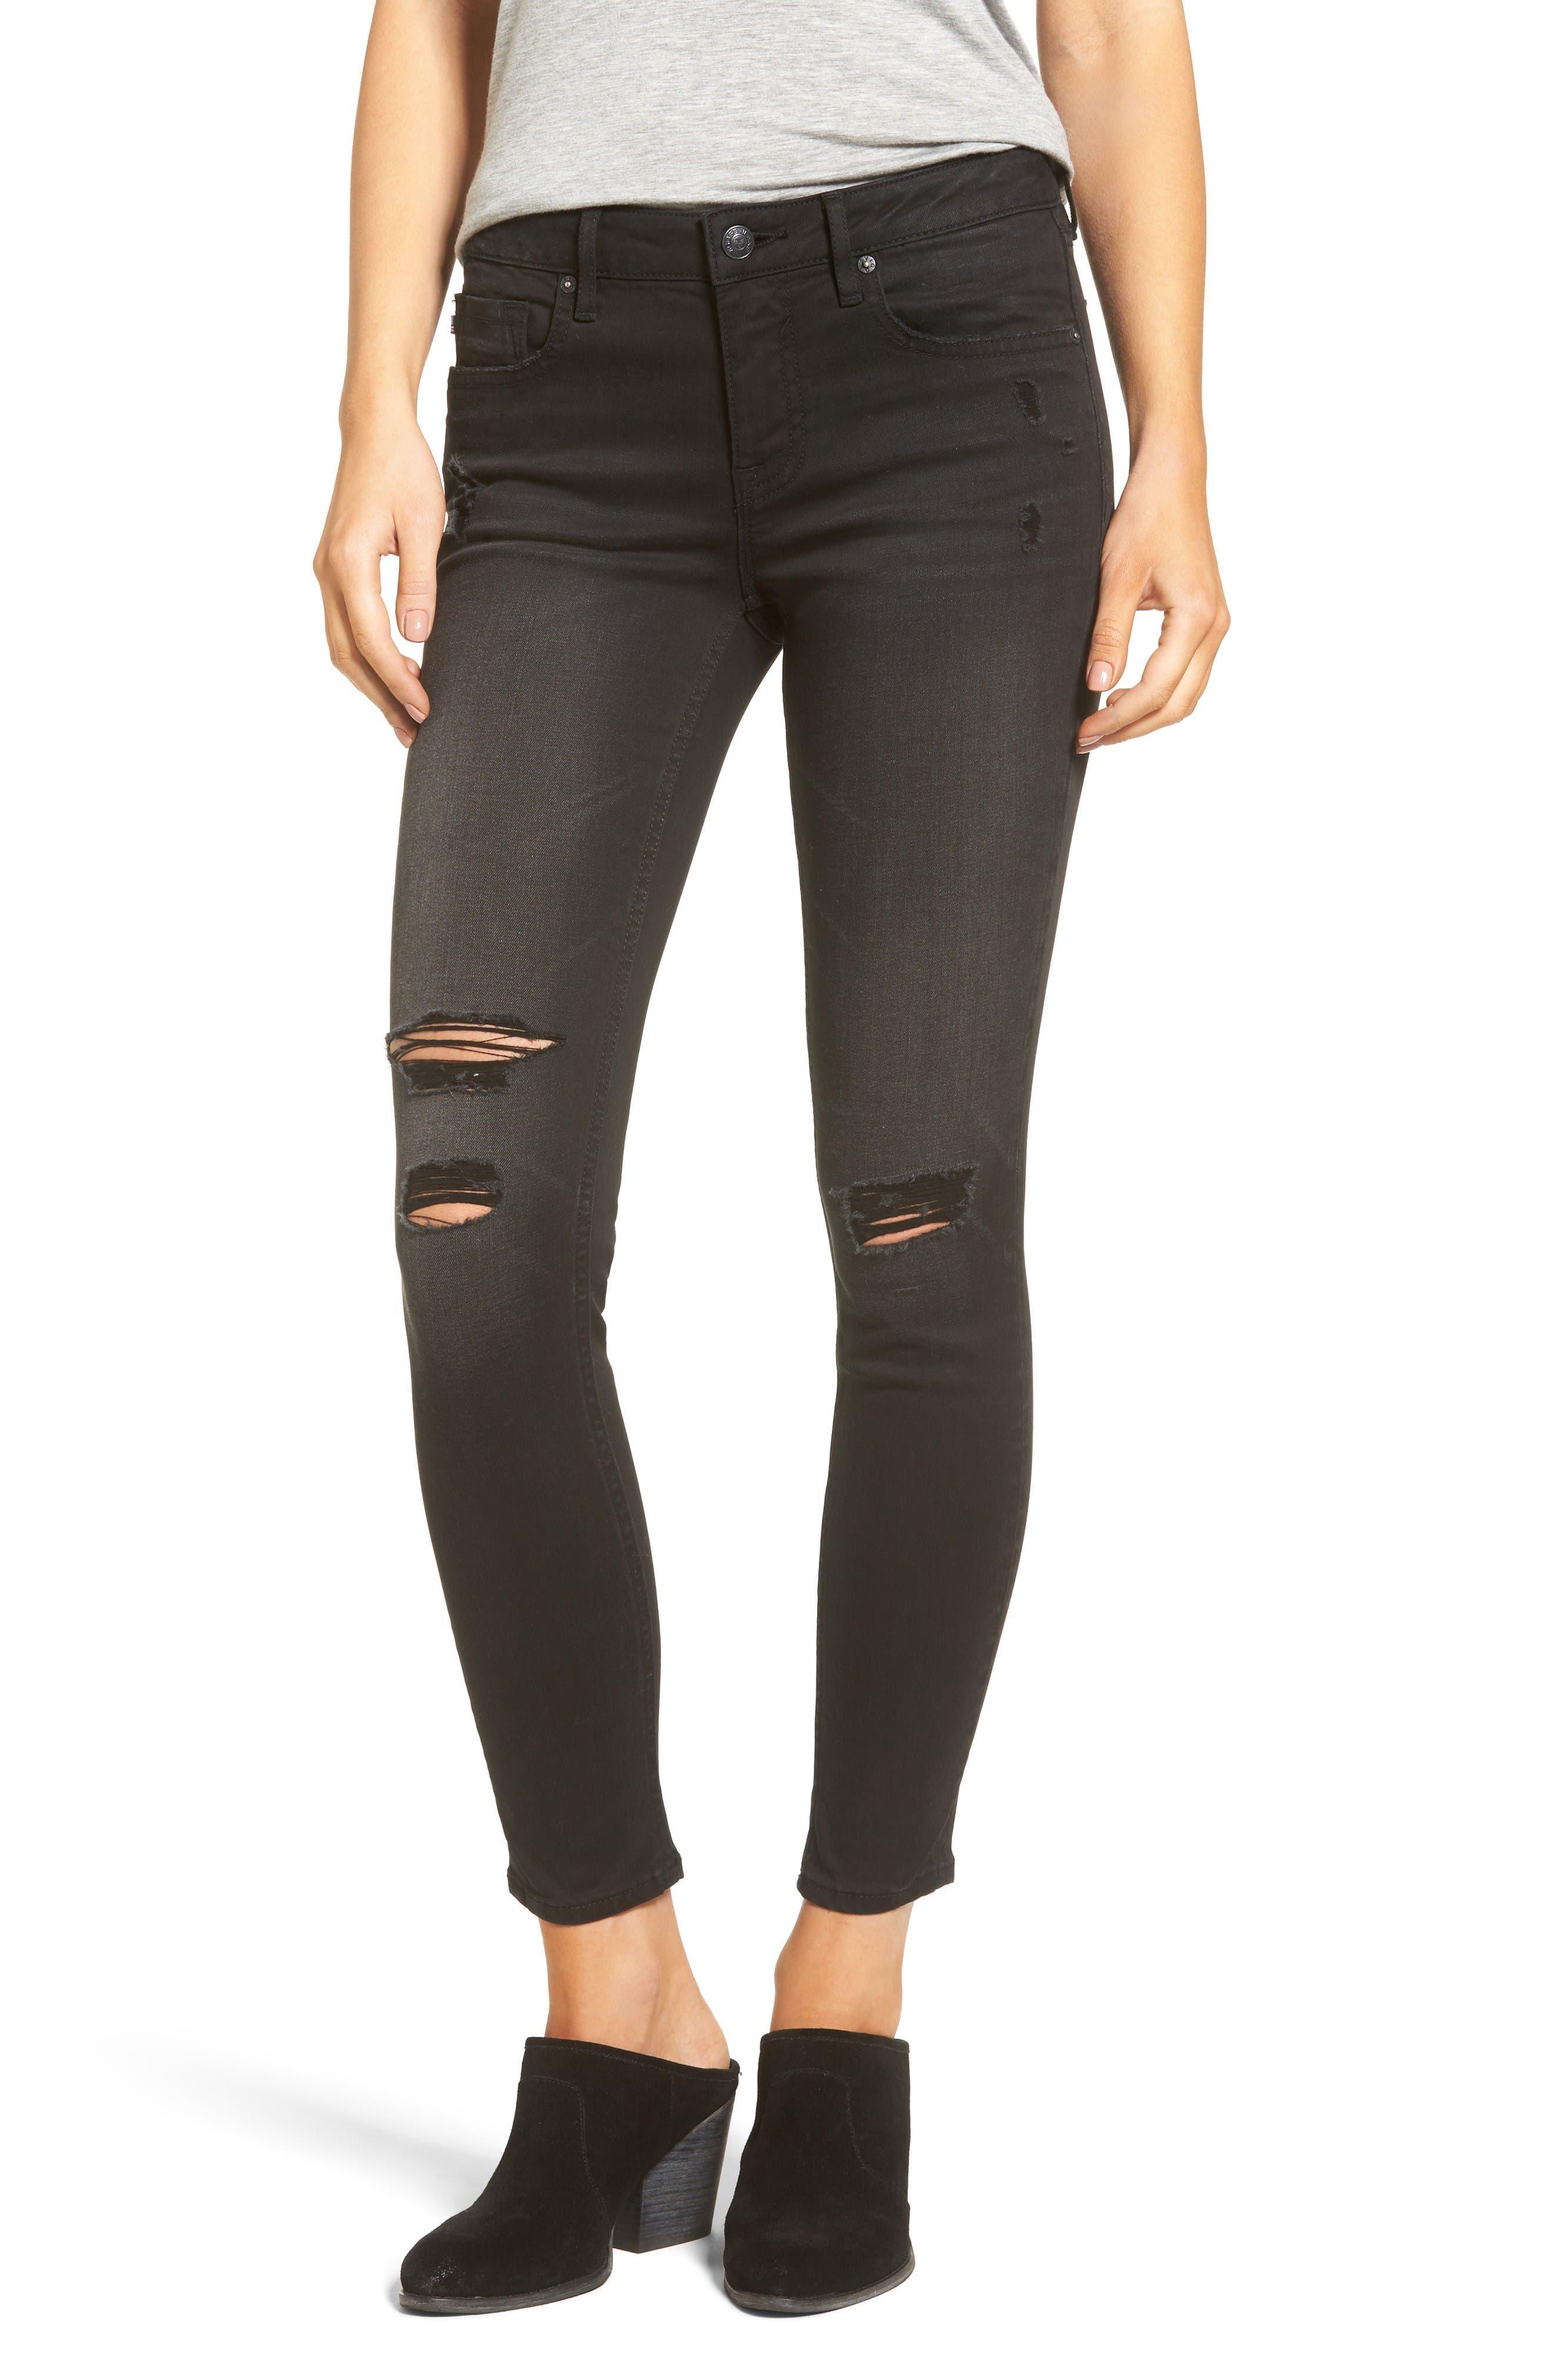 Alternate Image 1 Selected - Vigoss Chelsea Ripped Skinny Jeans